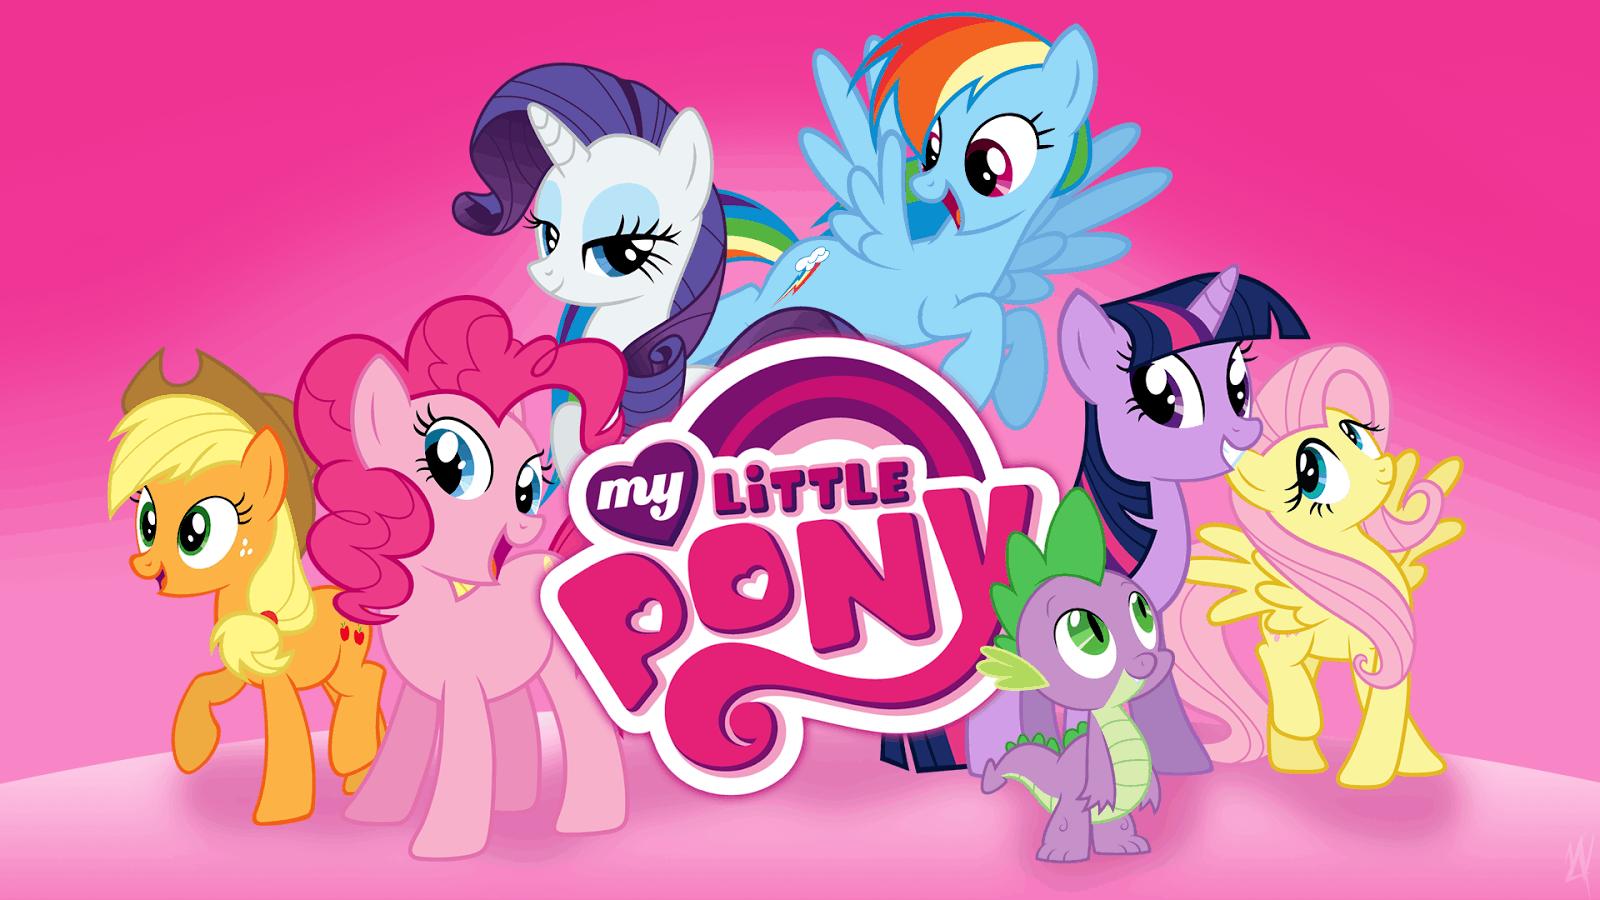 My Little Pony Desene Cu Ponei Pentru Fetite